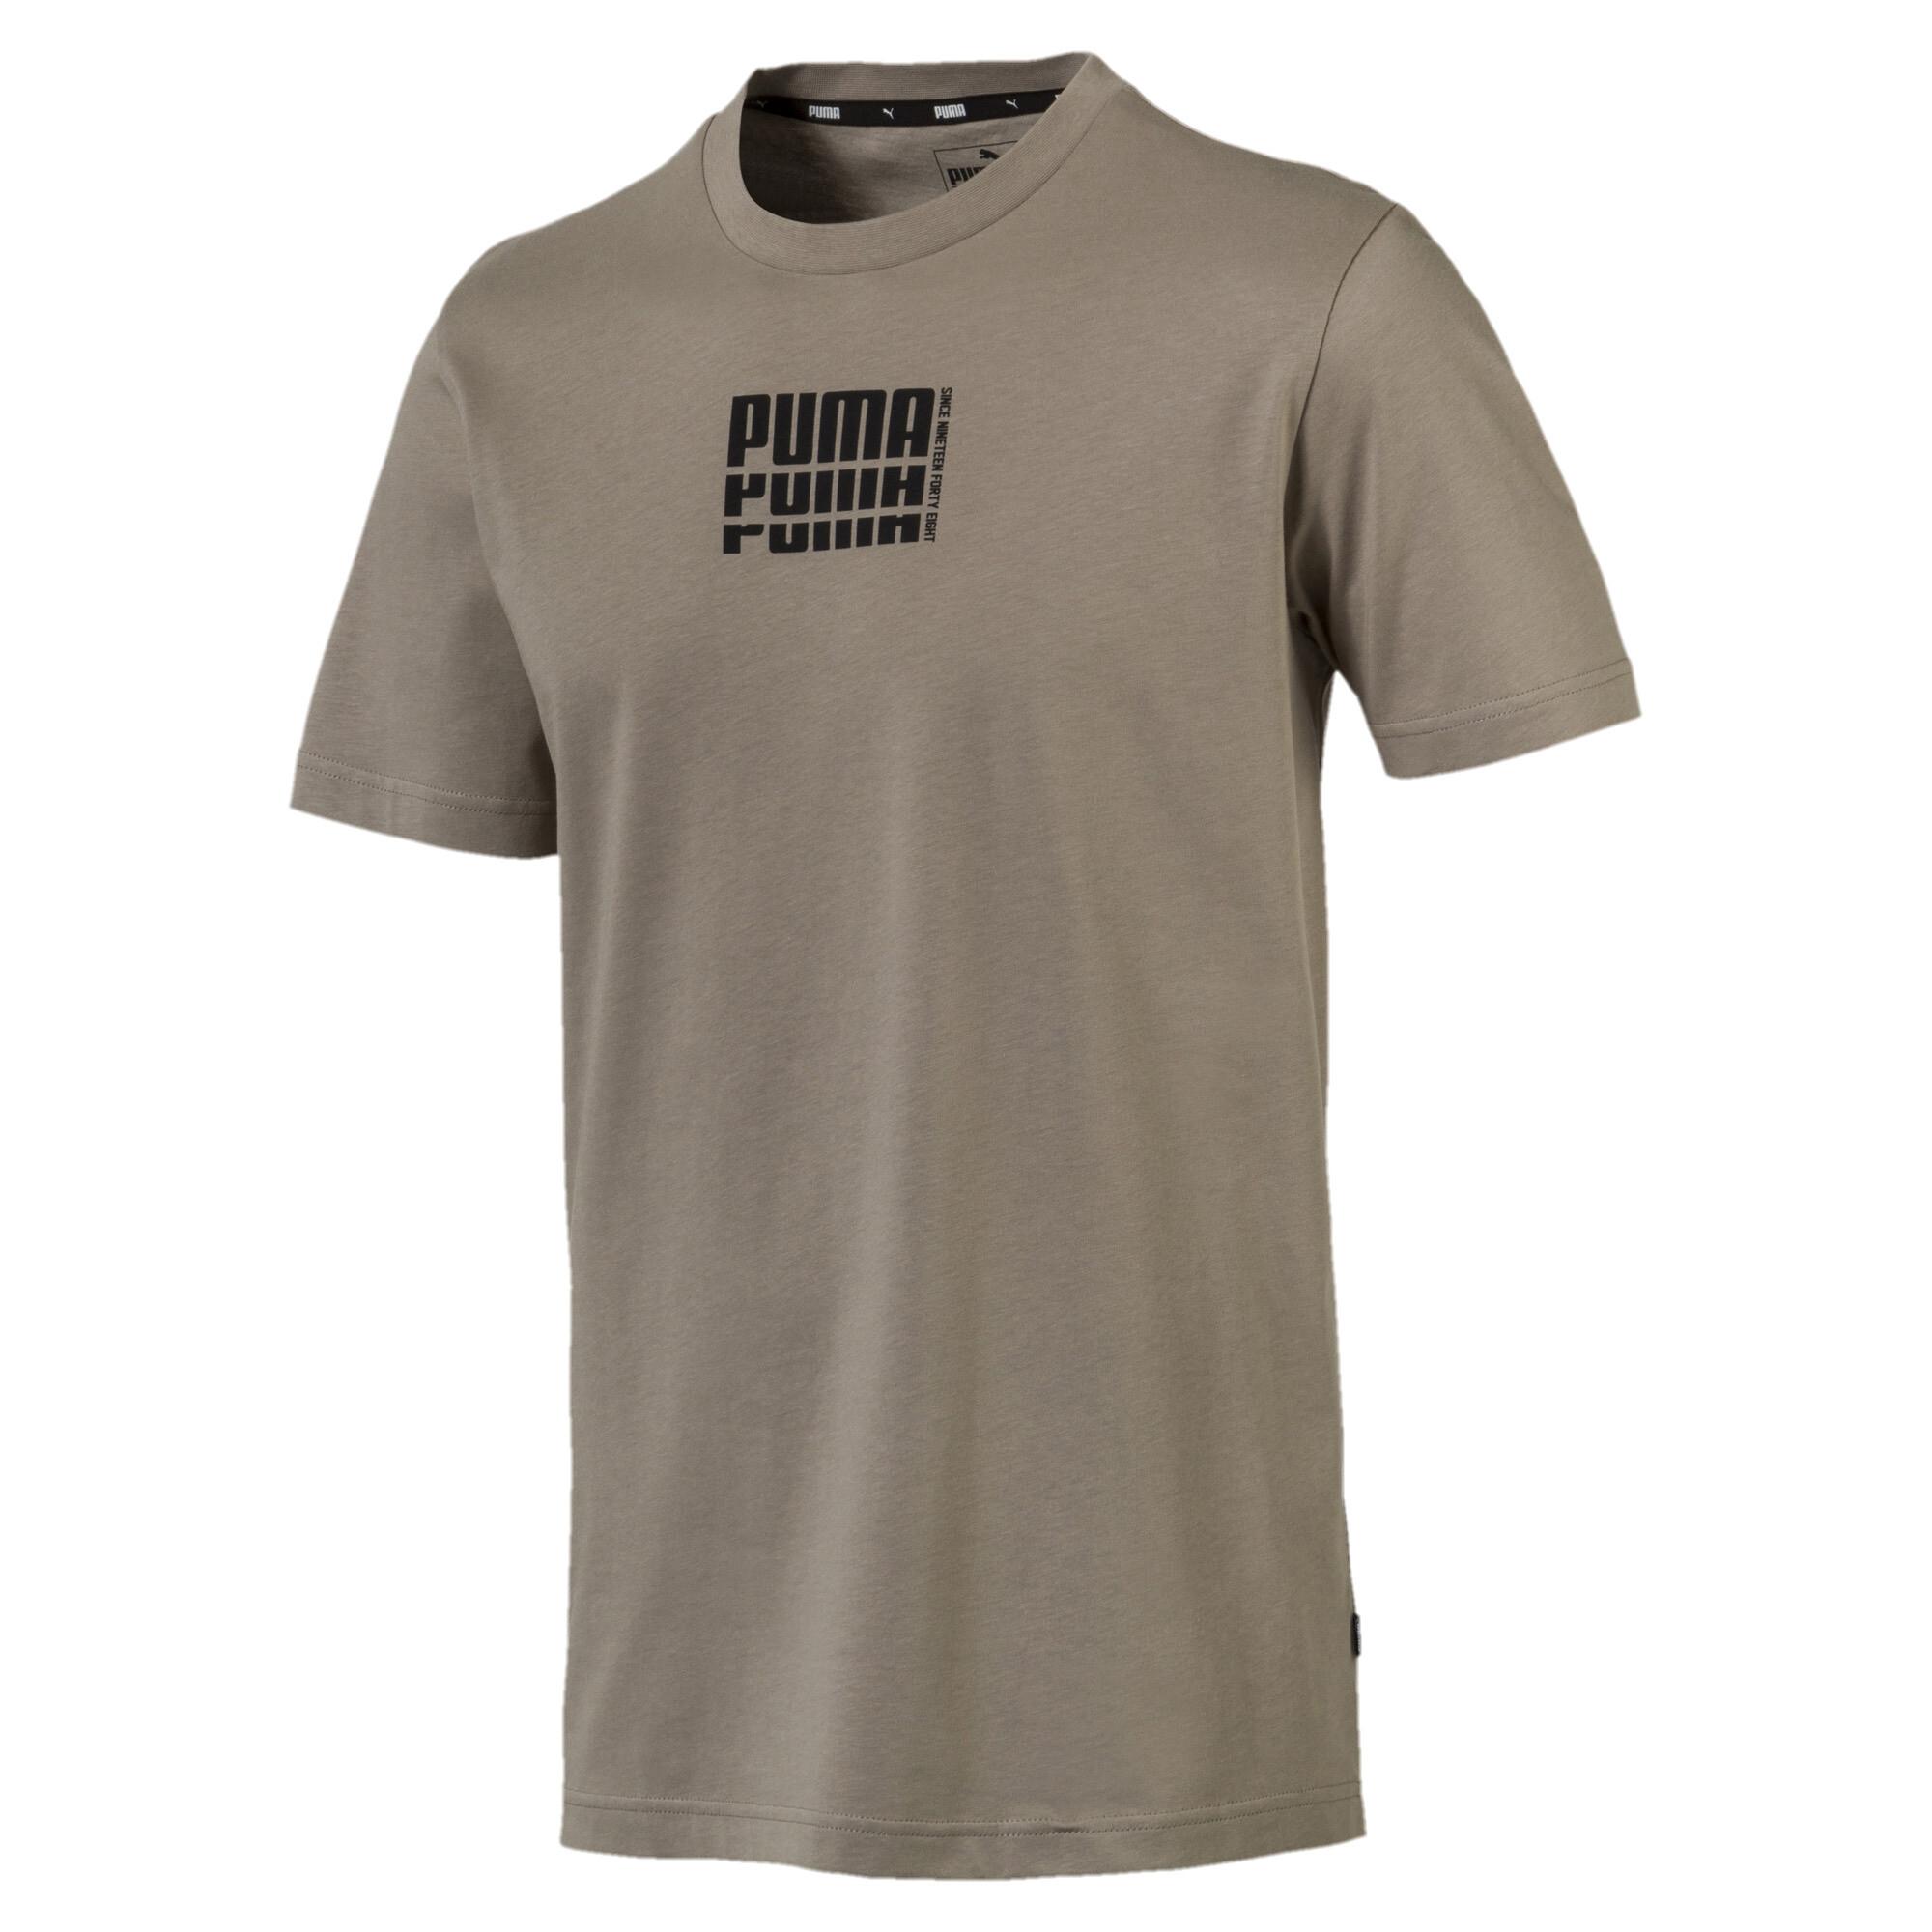 Image Puma Rebel Up Men's Basic Tee #2